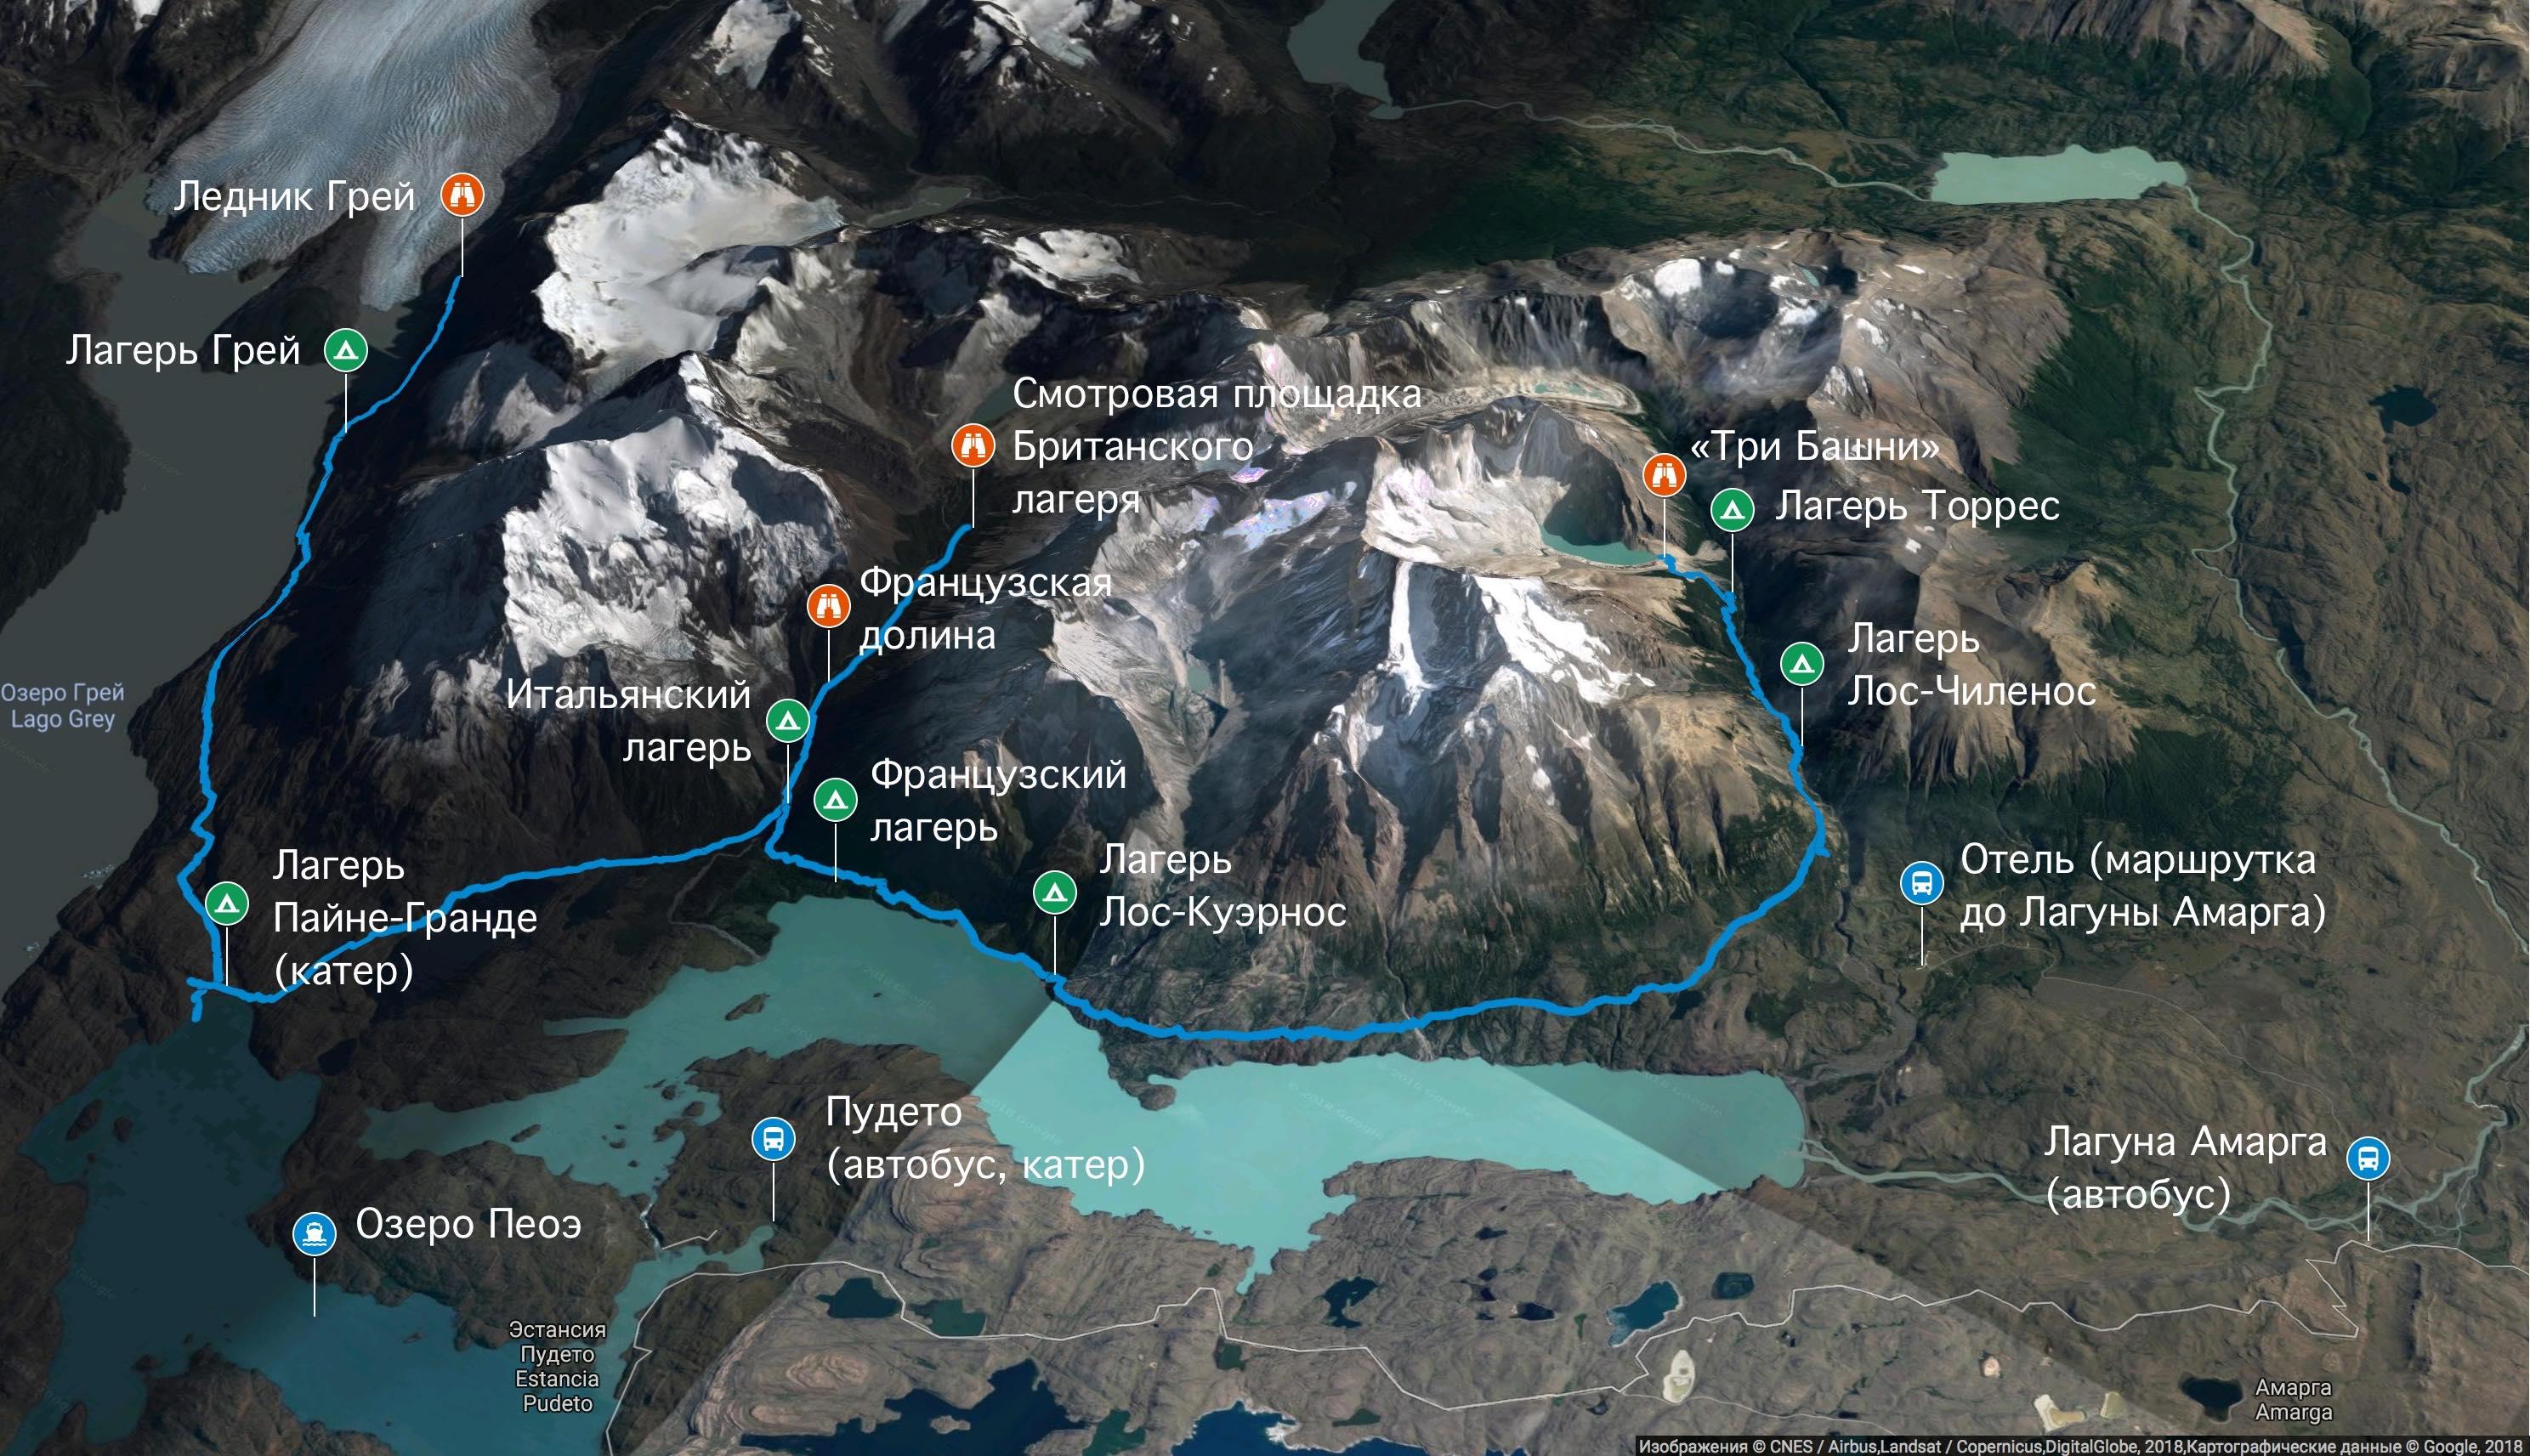 Чили, Патагония, Торрес-дель-Пайне, карта, W-трек